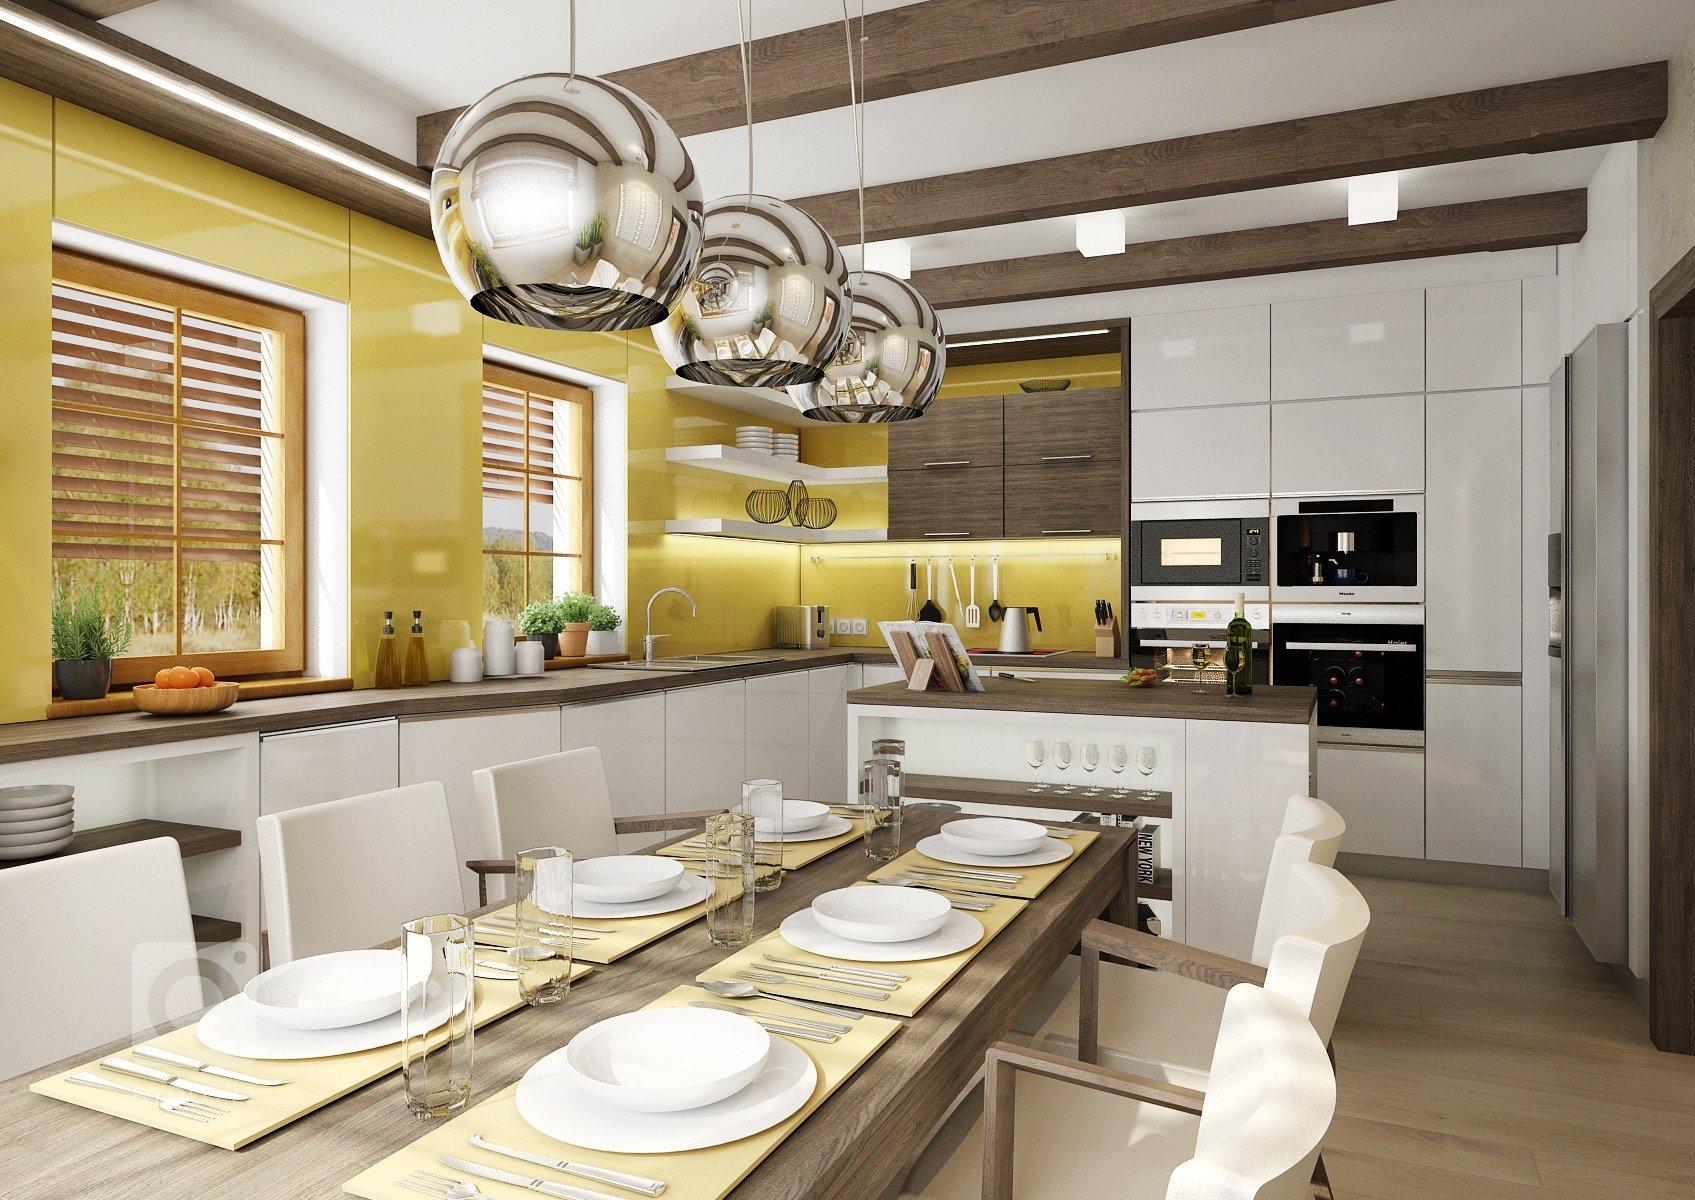 Přiznané trámy na stropě vtmavě mořeném dřevodekoru, který se opakuje i na nábytku v kuchyni. Většina dvířek kuchyně je vbílém lesku. Obklad za…